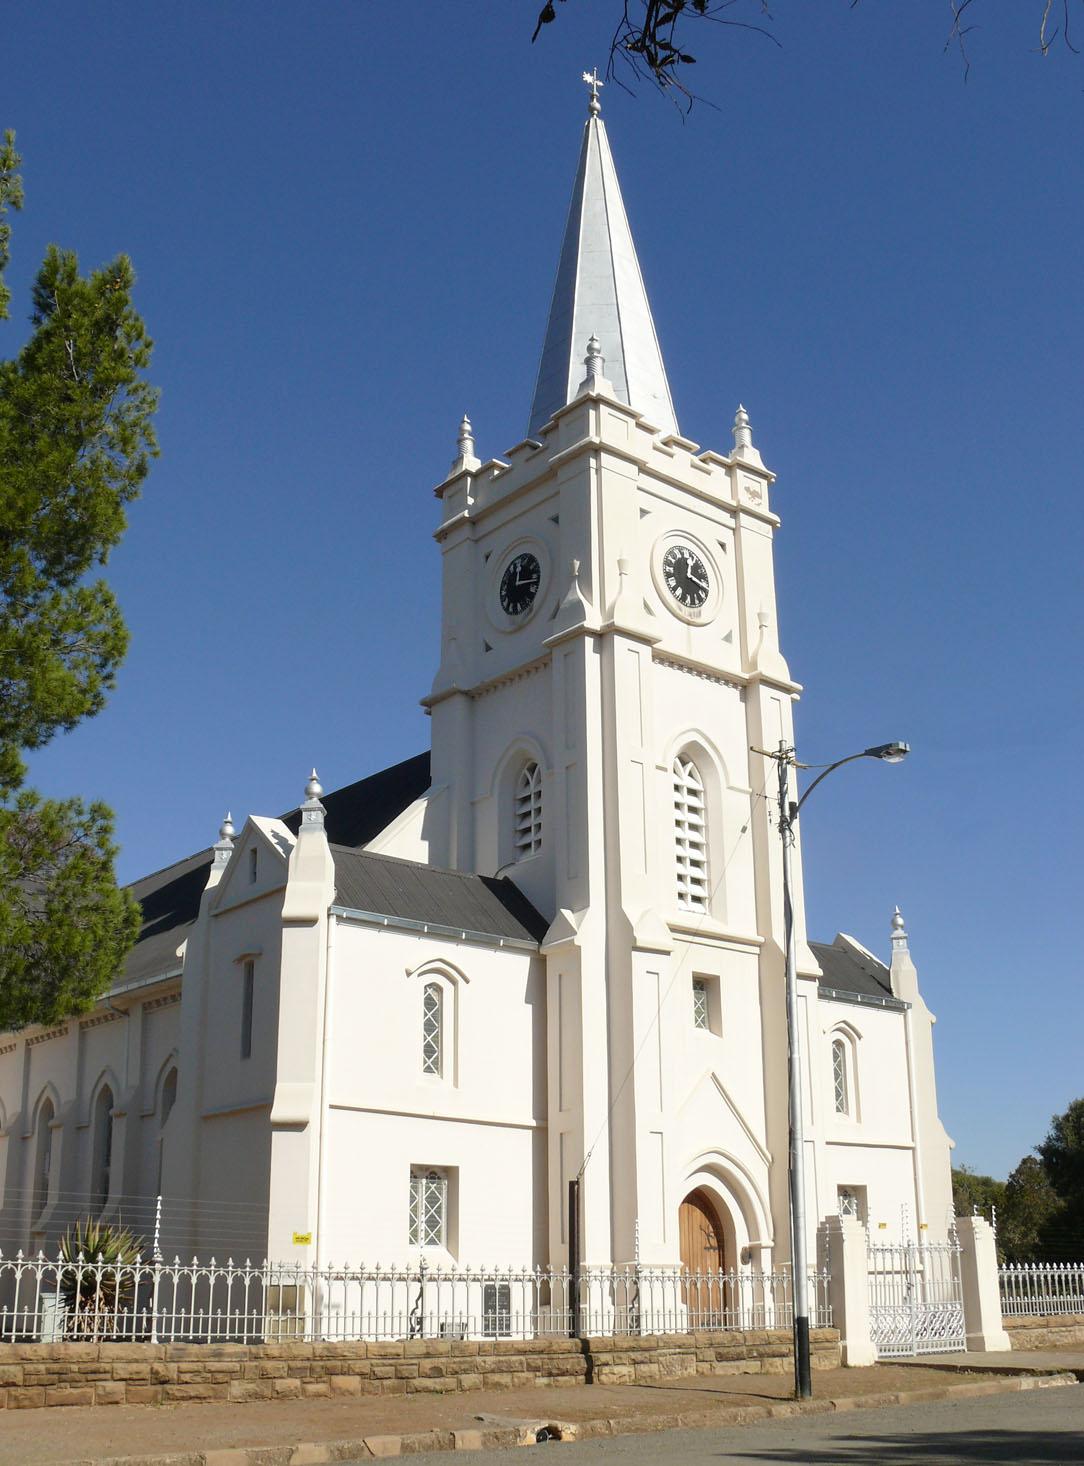 Bethulie South Africa  city pictures gallery : gebou van die ng gemeente bethulie vrystaat más bethulie se iglesias ...